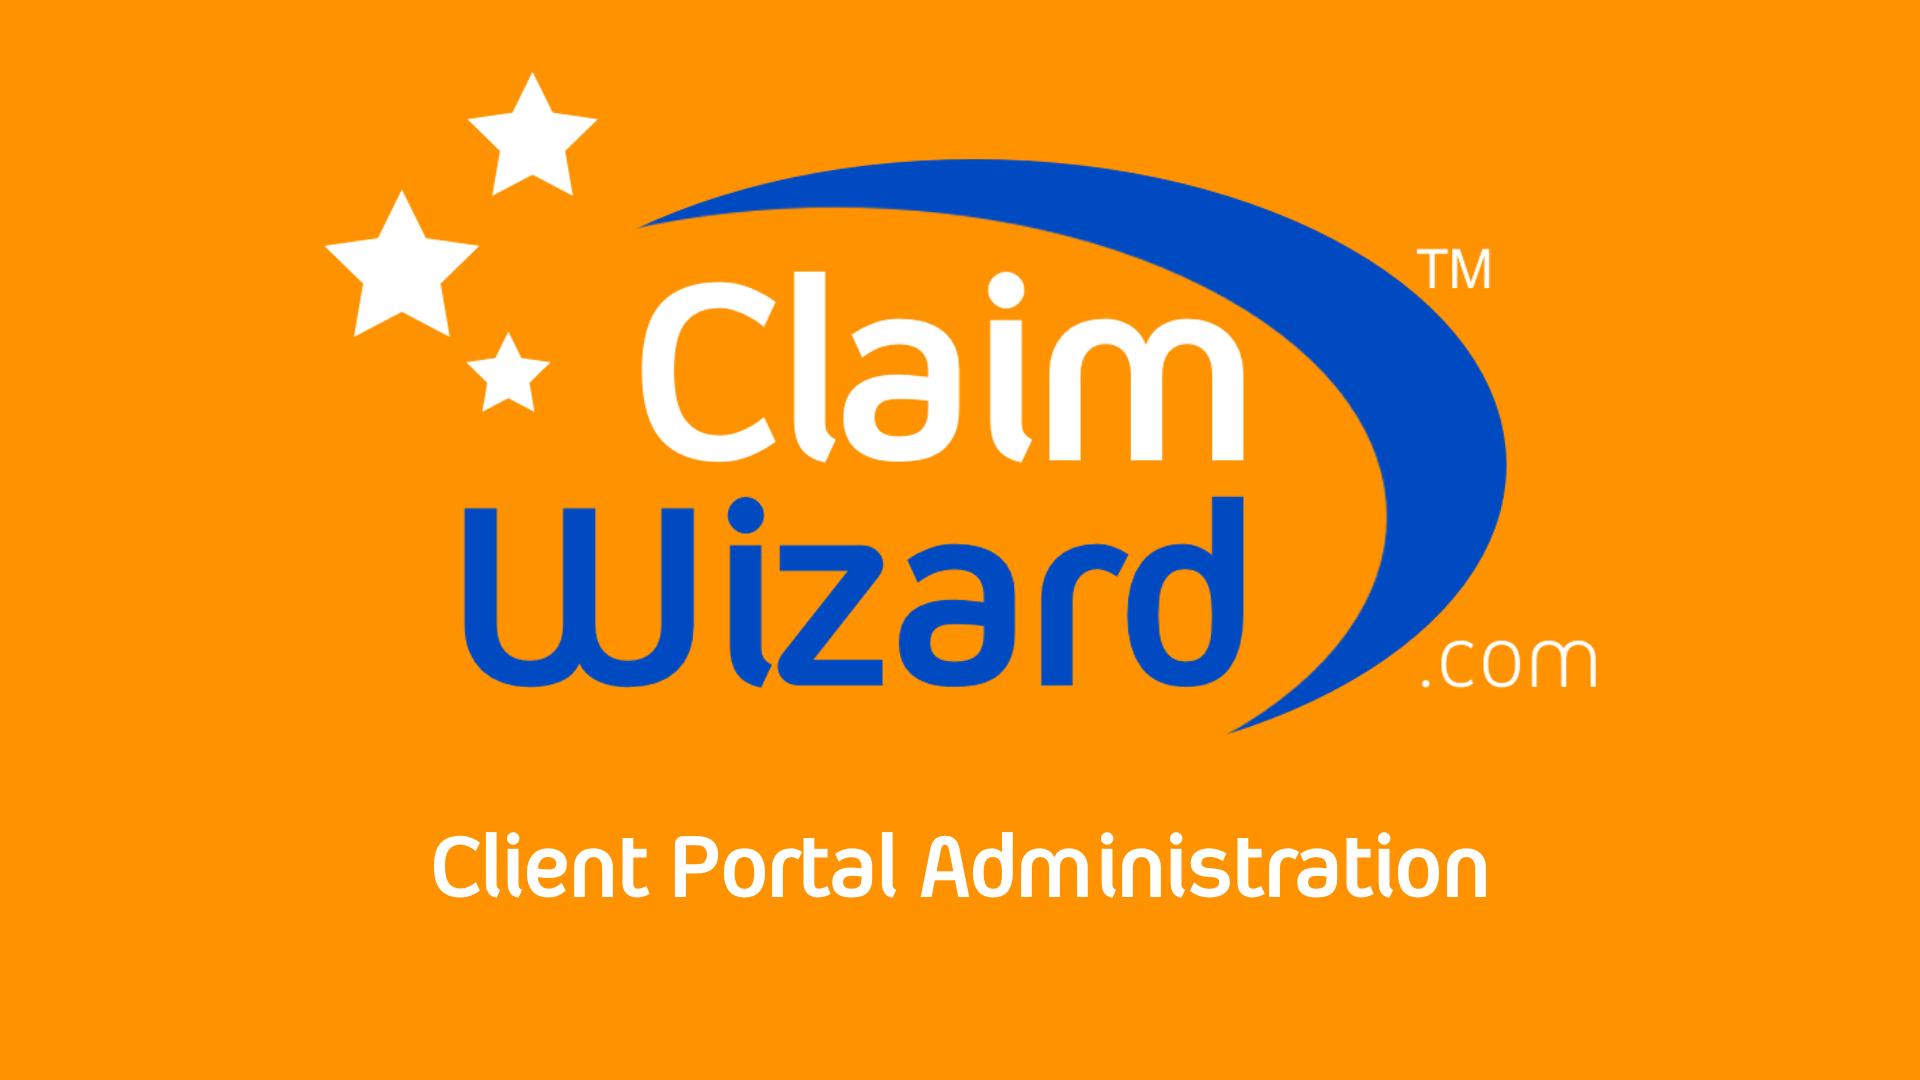 Client Portal Administration